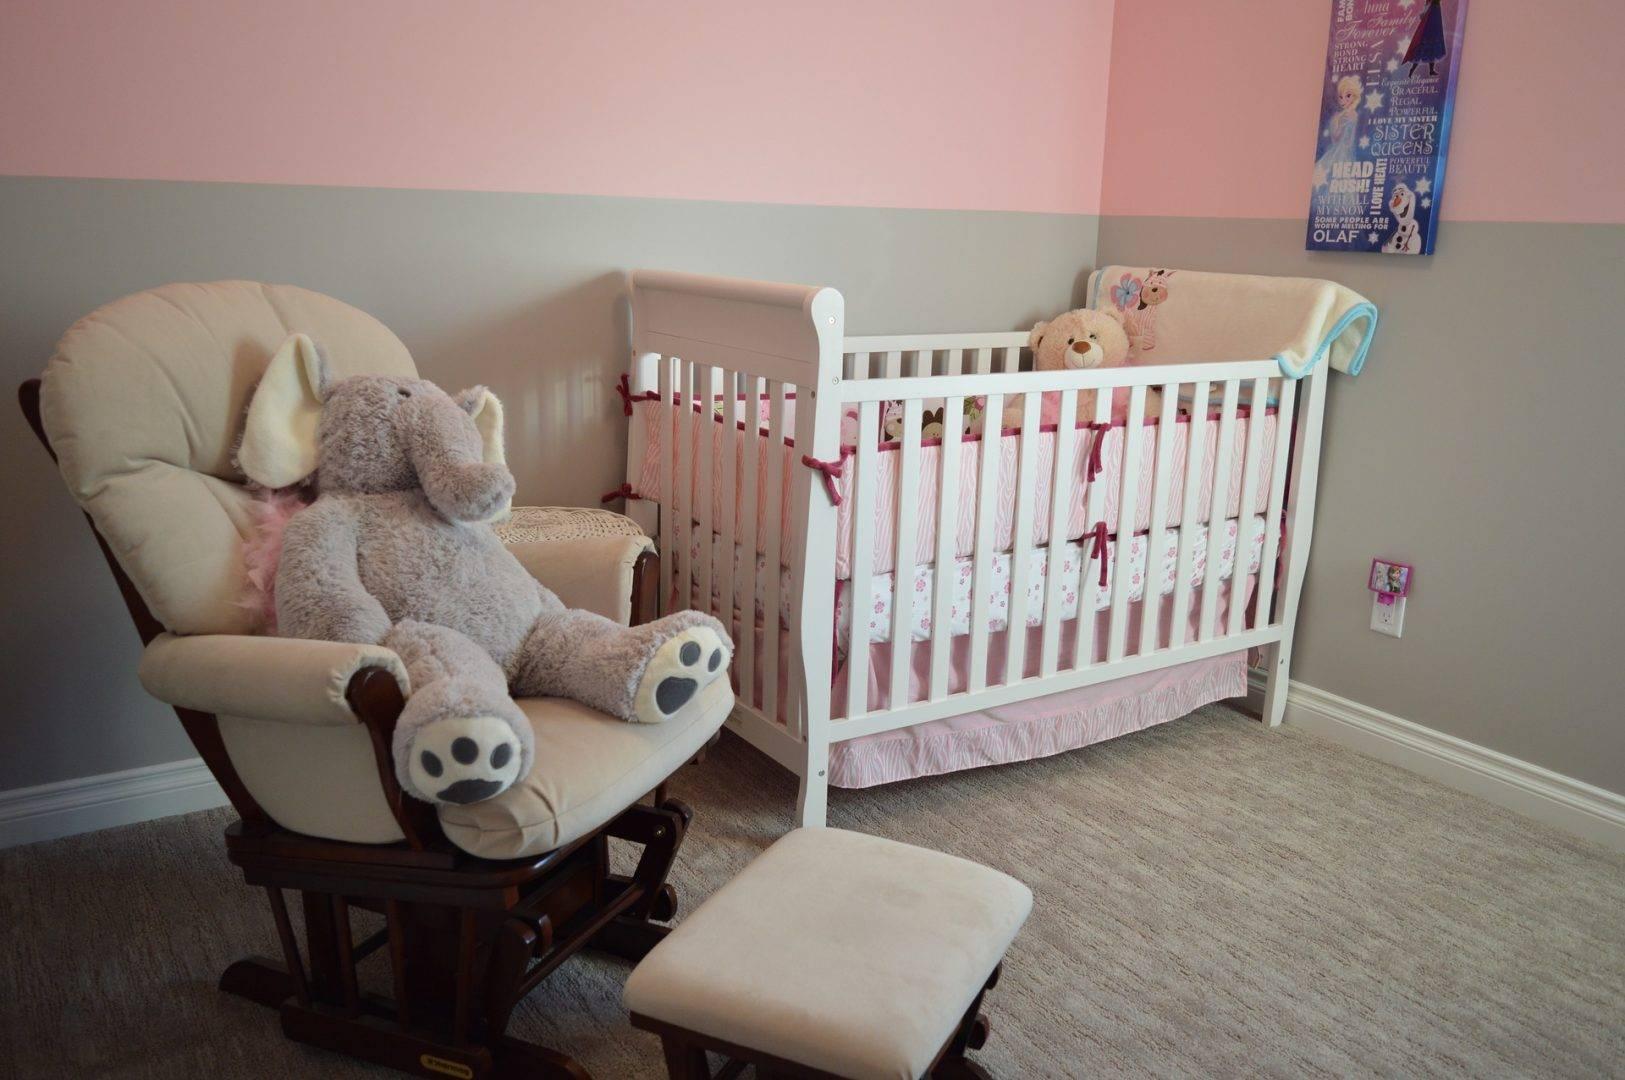 5-dicas-criativas-e-econômicas-para-decorar-o-quarto-do-bebê-blog-Brascon